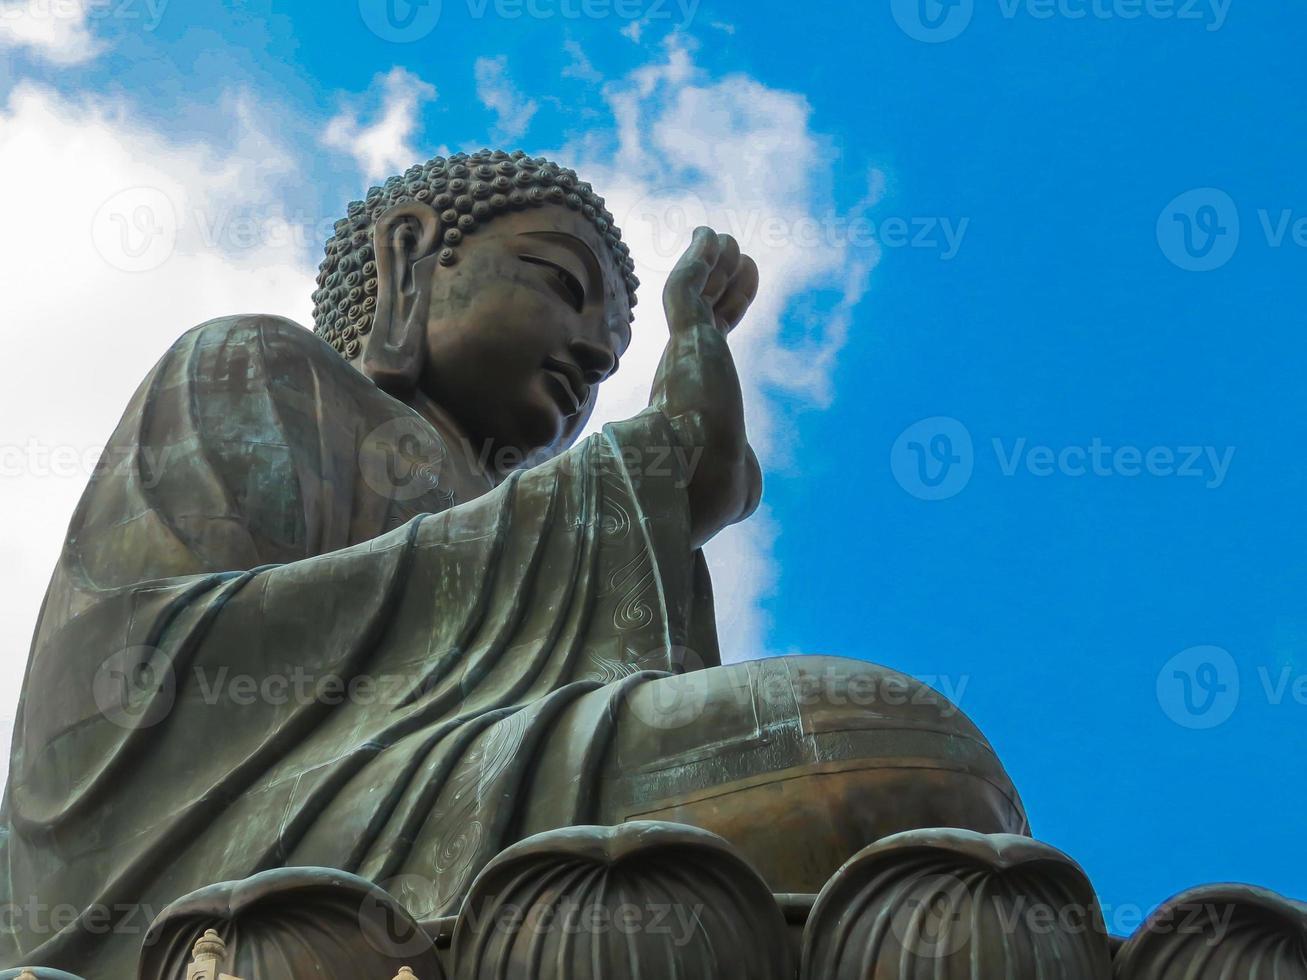 der große Buddha foto